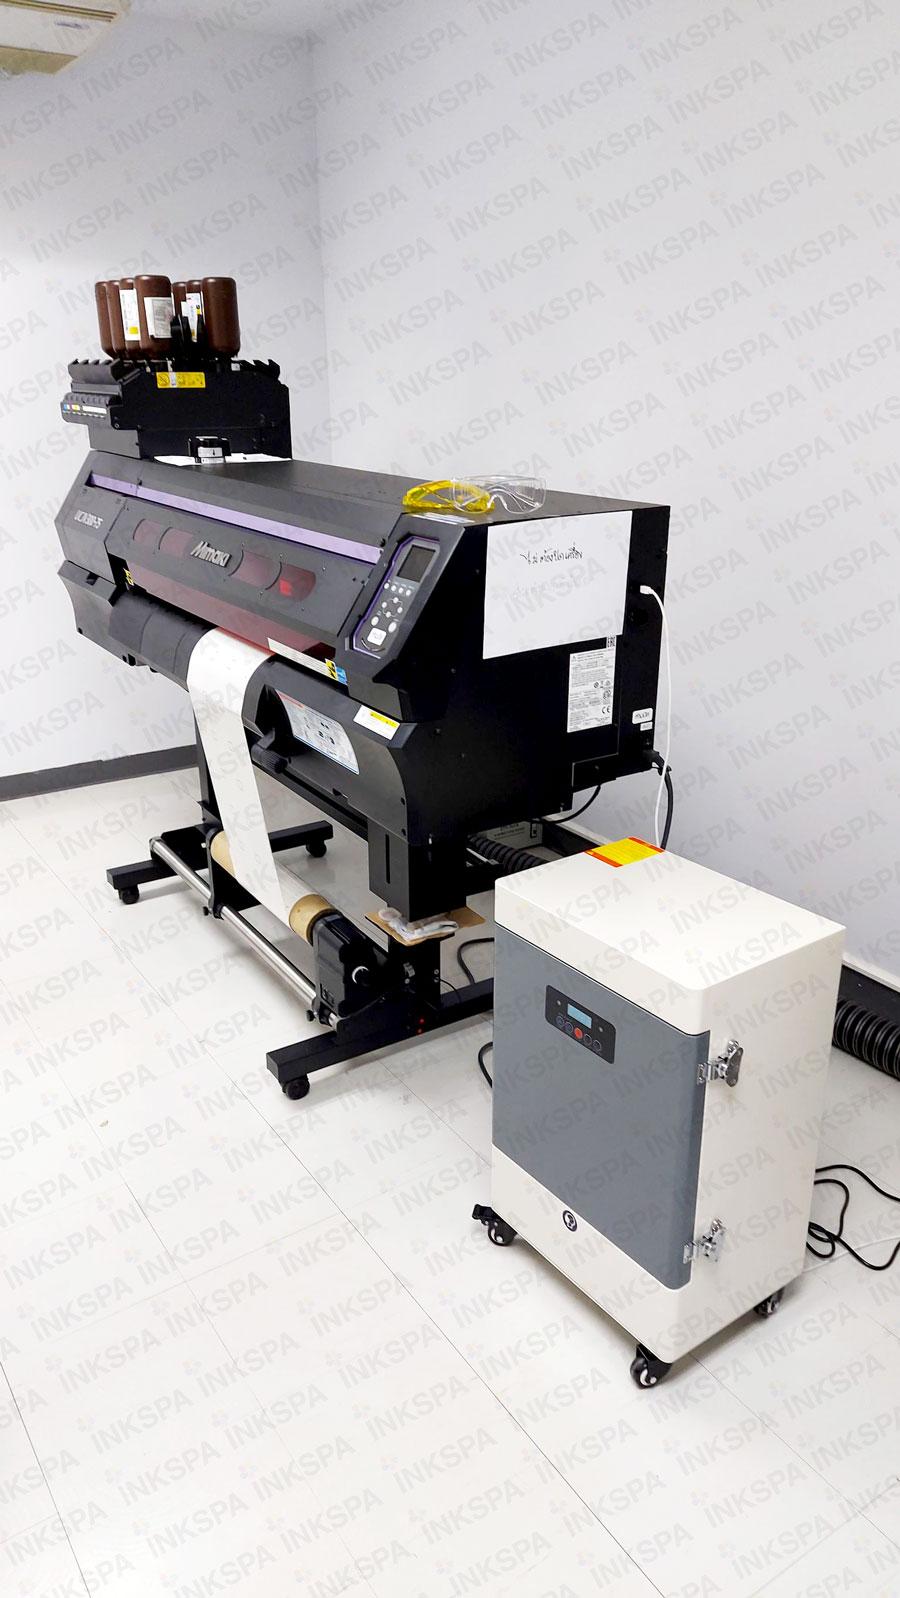 เครื่องดูดควัน เครื่องพิมพ์ผ้า เครื่องเลเซอร์ เครื่องสกรีน